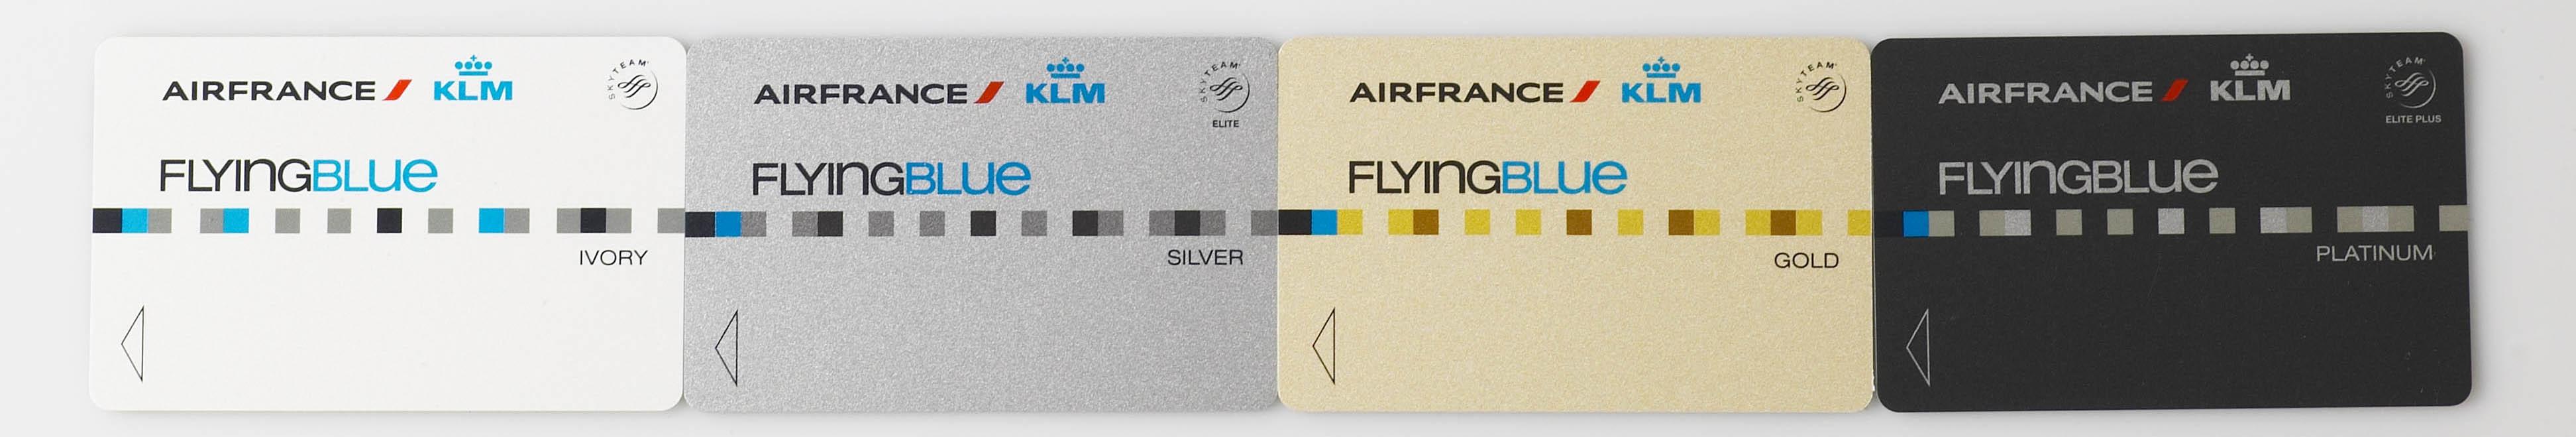 ffcards